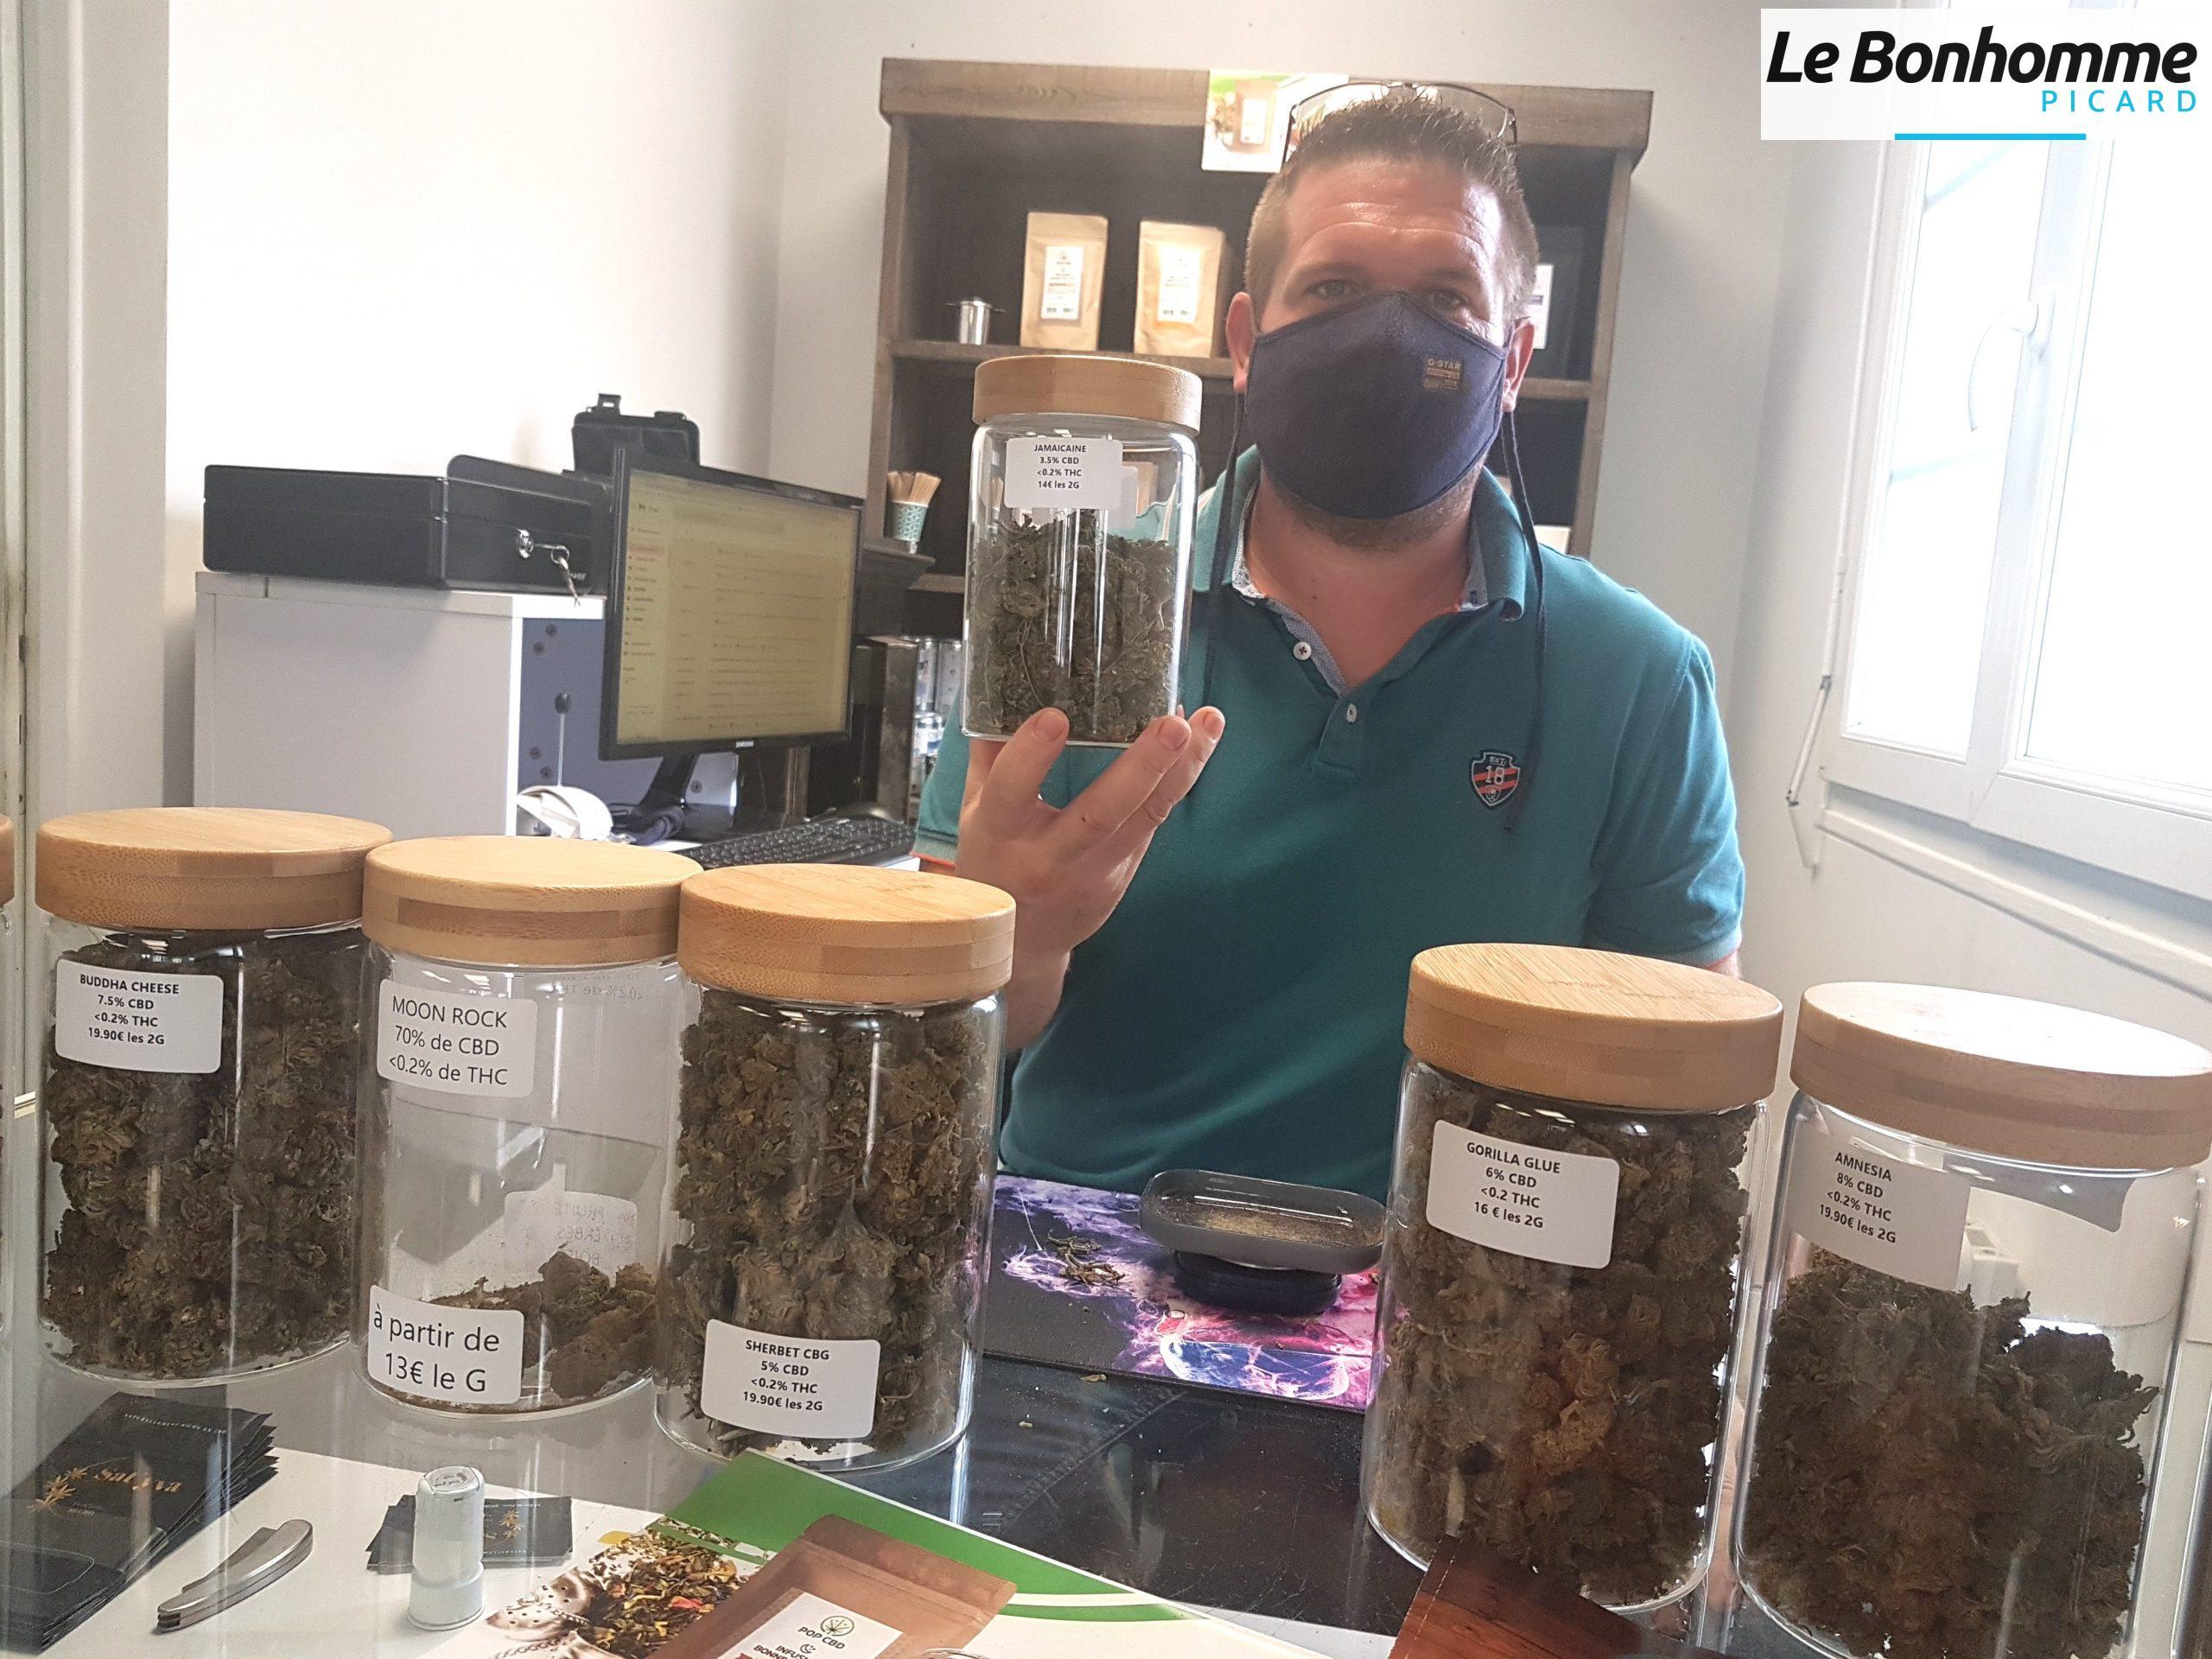 VIDEO. Saint-Just-en-Chaussée : Grégory présente sa boutique de CBD – Le Bonhomme Picard